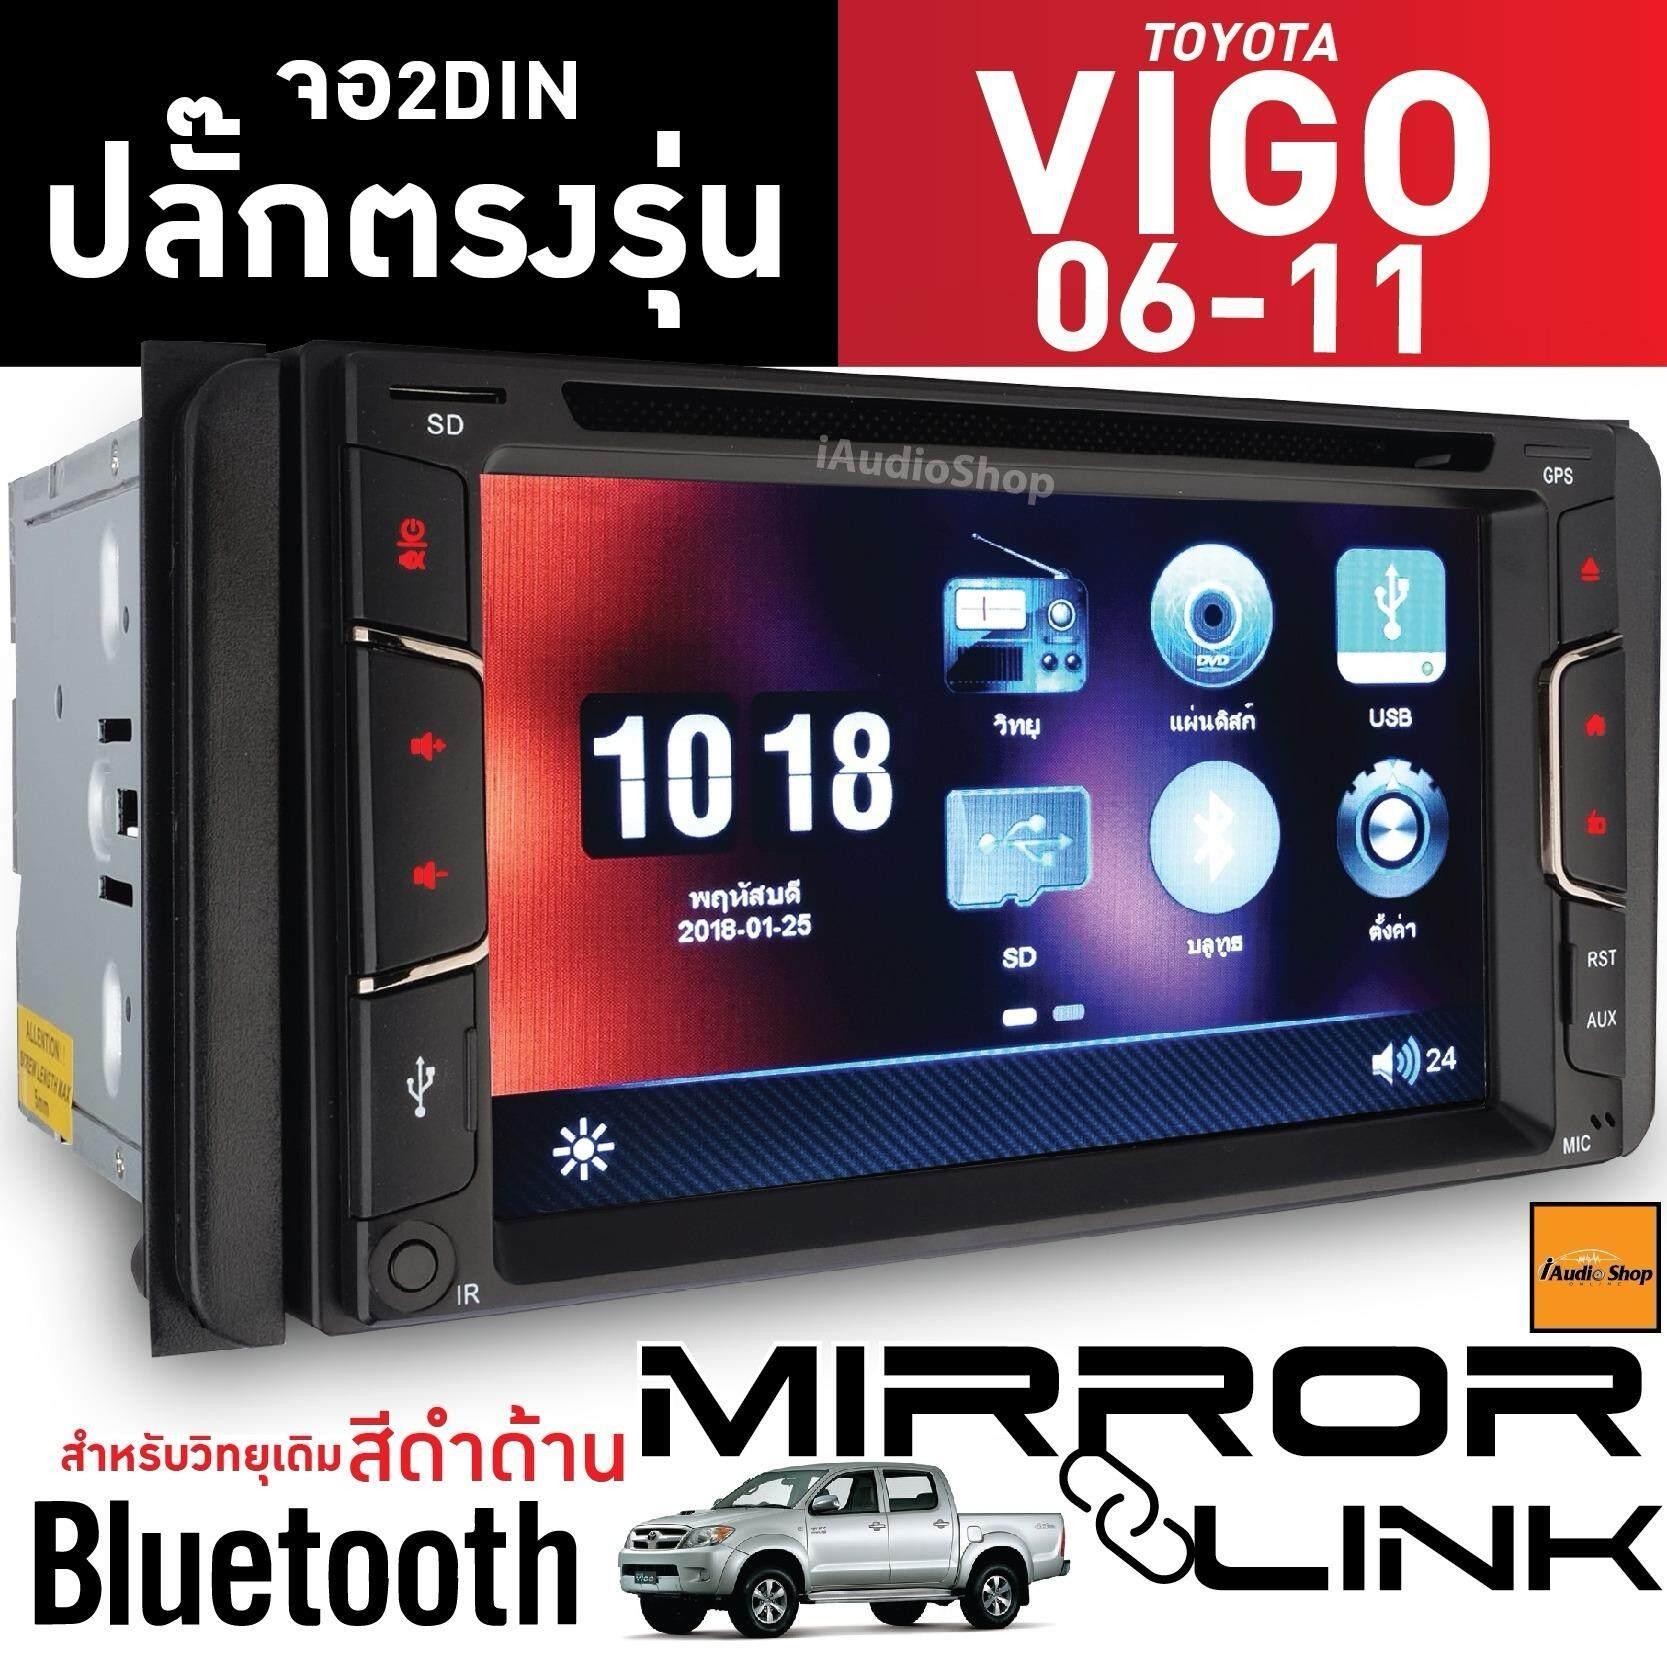 ขาย Black Magic ปลั๊กตรงรุ่น ระบบมิลเลอร์ลิงค์ วิทยุติดรถยนต์ จอติดรถยนต์ จอ2Din วิทยุ2Din เครื่องเสียงรถยนต์ Bmg 6517 Mirror Link พร้อมประกับข้างวิทยุ โตโยต้า วีโก้ Toyota Vigo Cd 06 11 ปลั๊กตรงรุ่นไม่ต้องตัดต่อสายไฟ สำหรับวิทยุเดิมเป็นสีดำด้าน ราคาถูกที่สุด